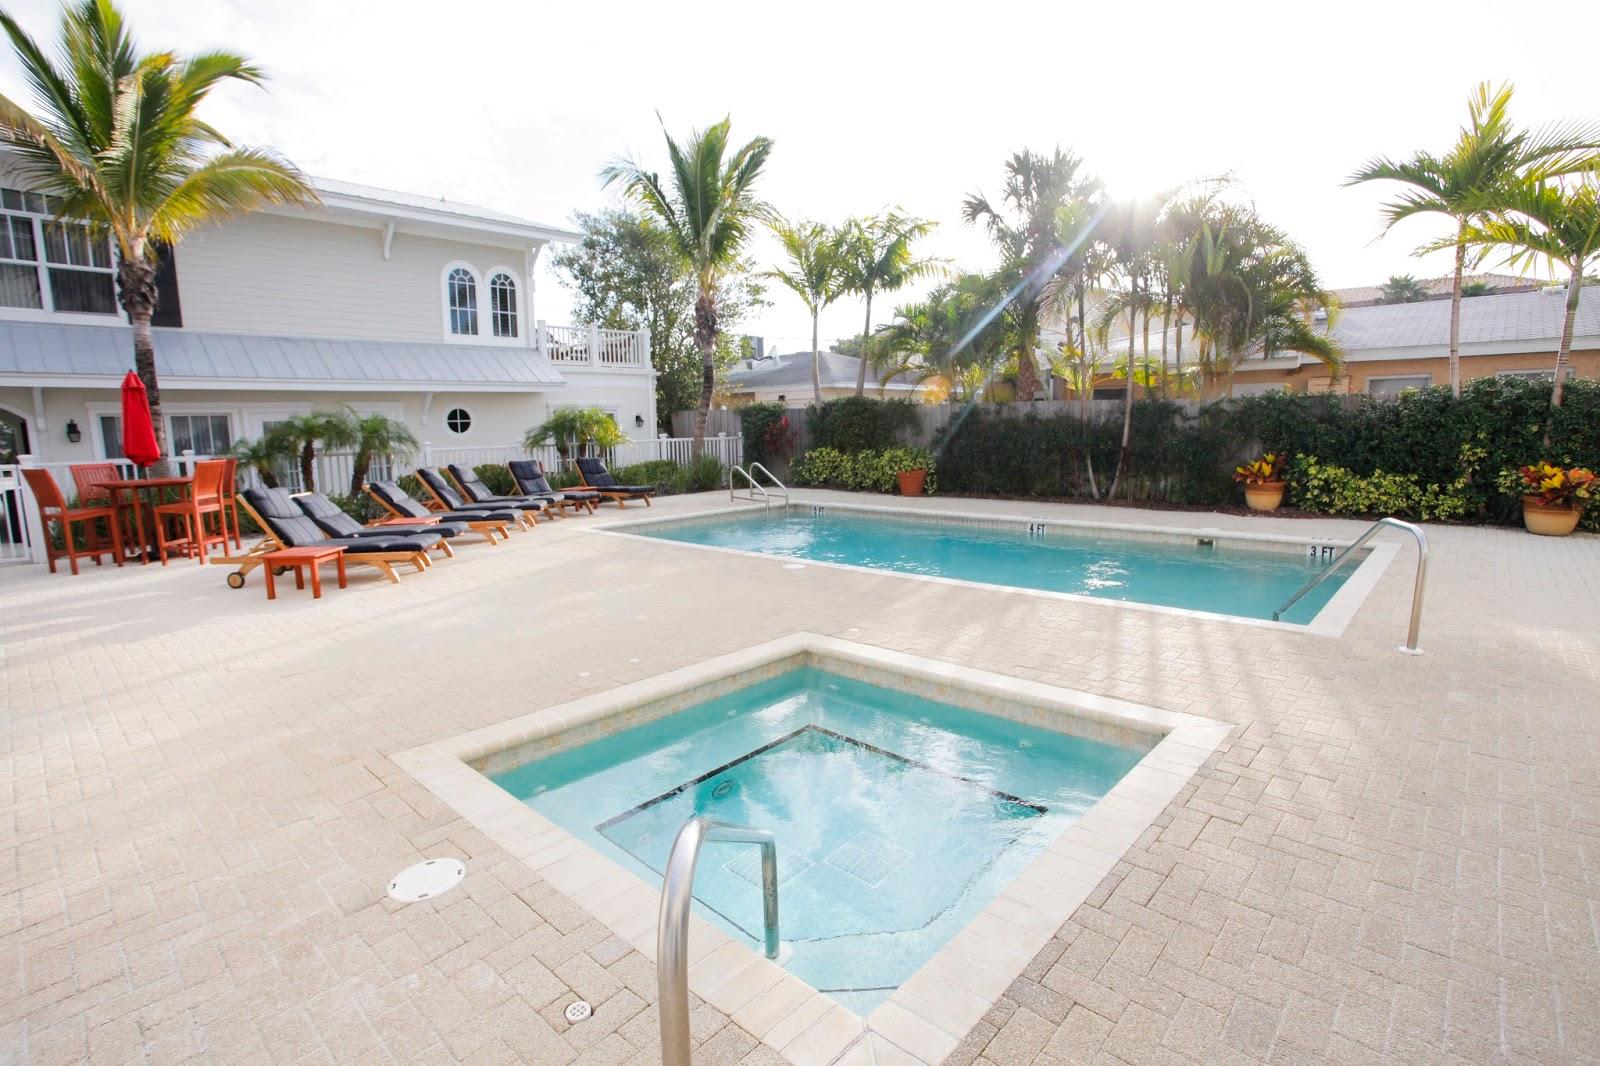 Pool at Mainsail Beach Inn in Anna Maria Island